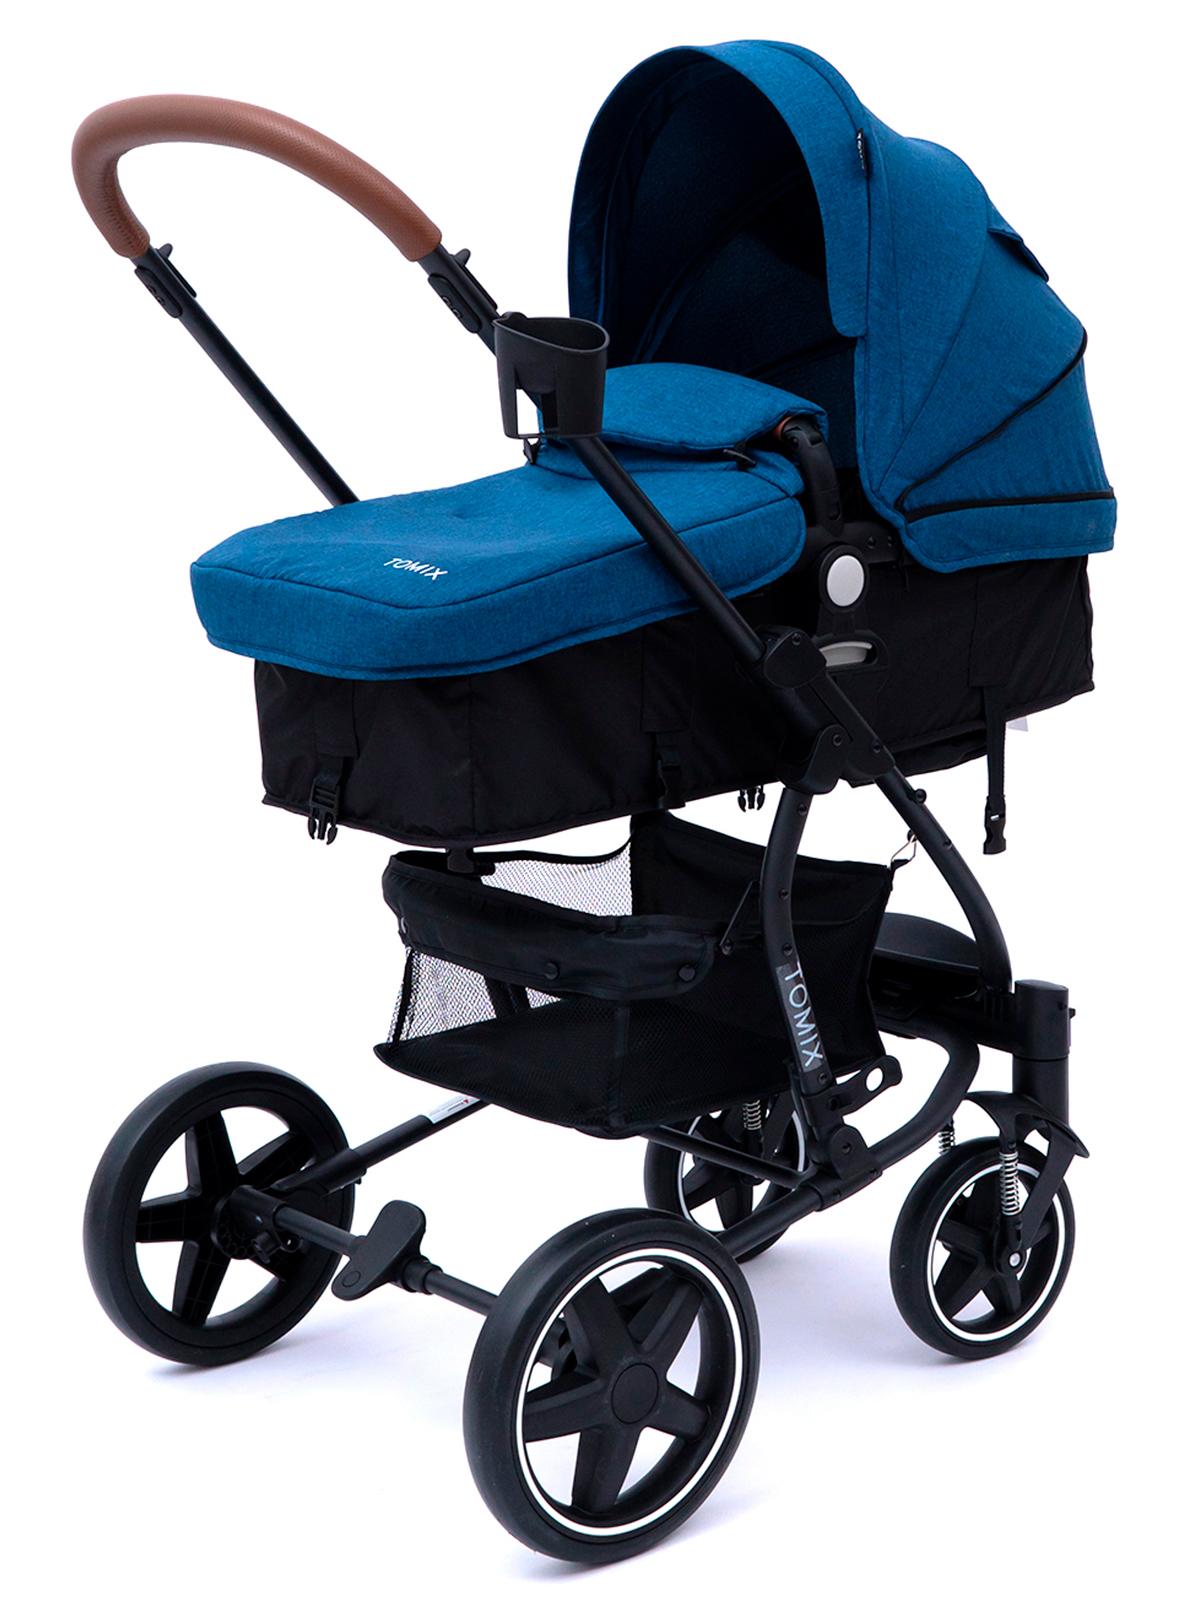 Детская коляска-трансформер 2 в 1 Tomix Emily, синяя